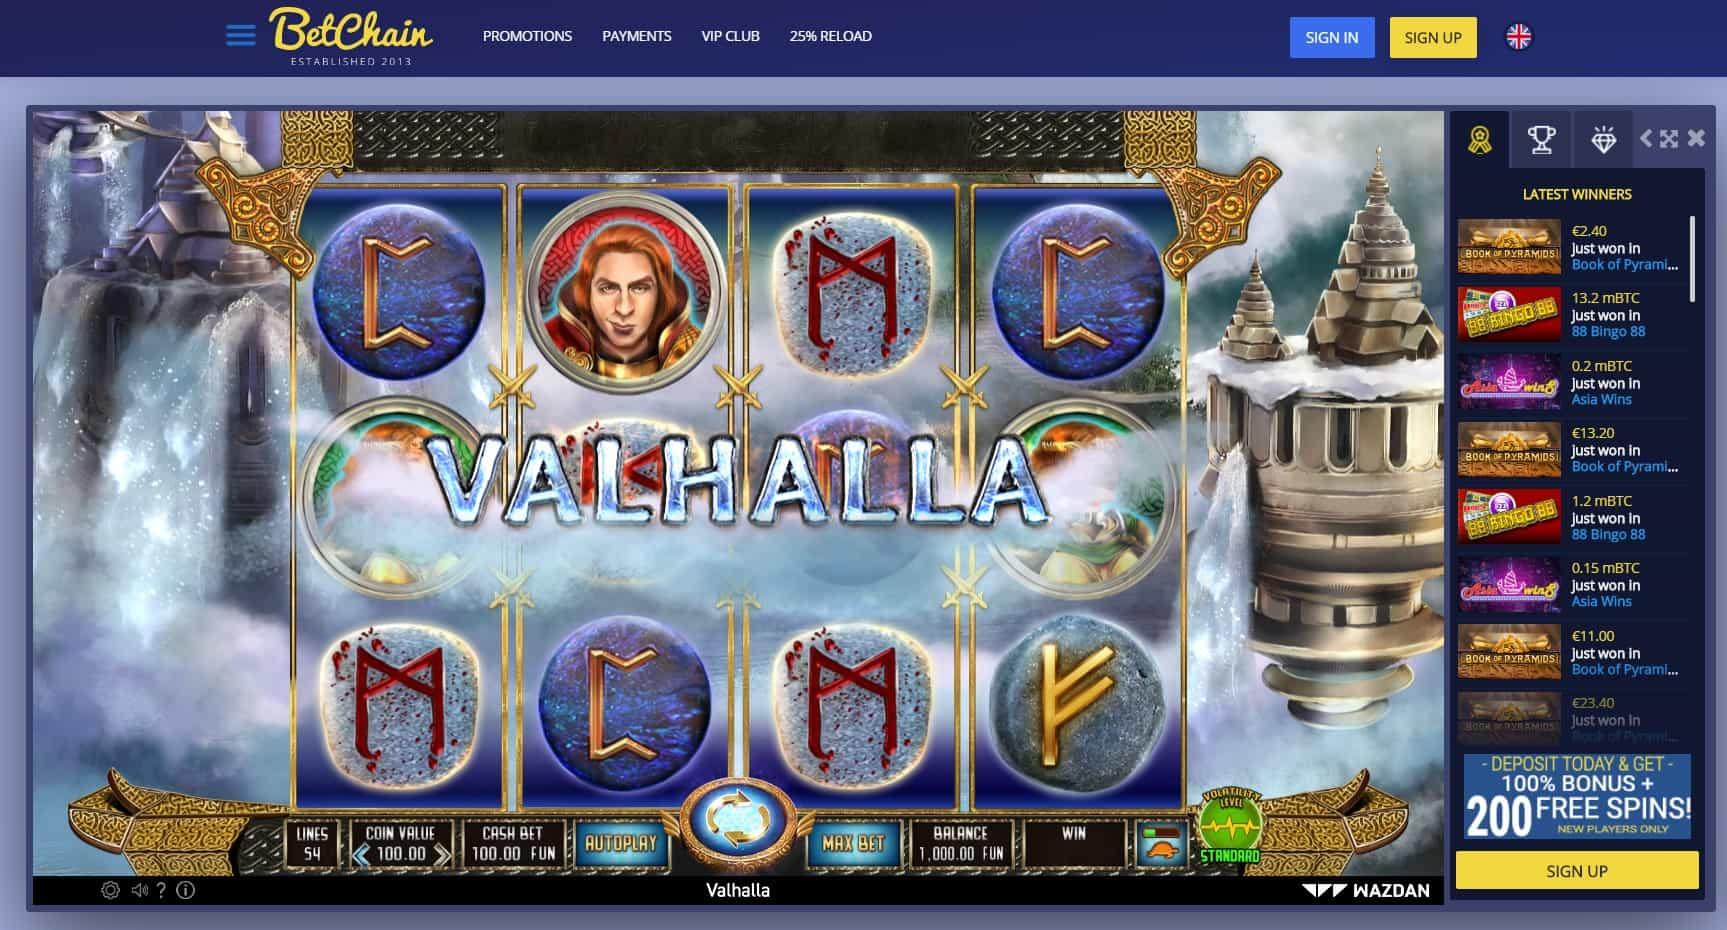 Bet chain casino slot game